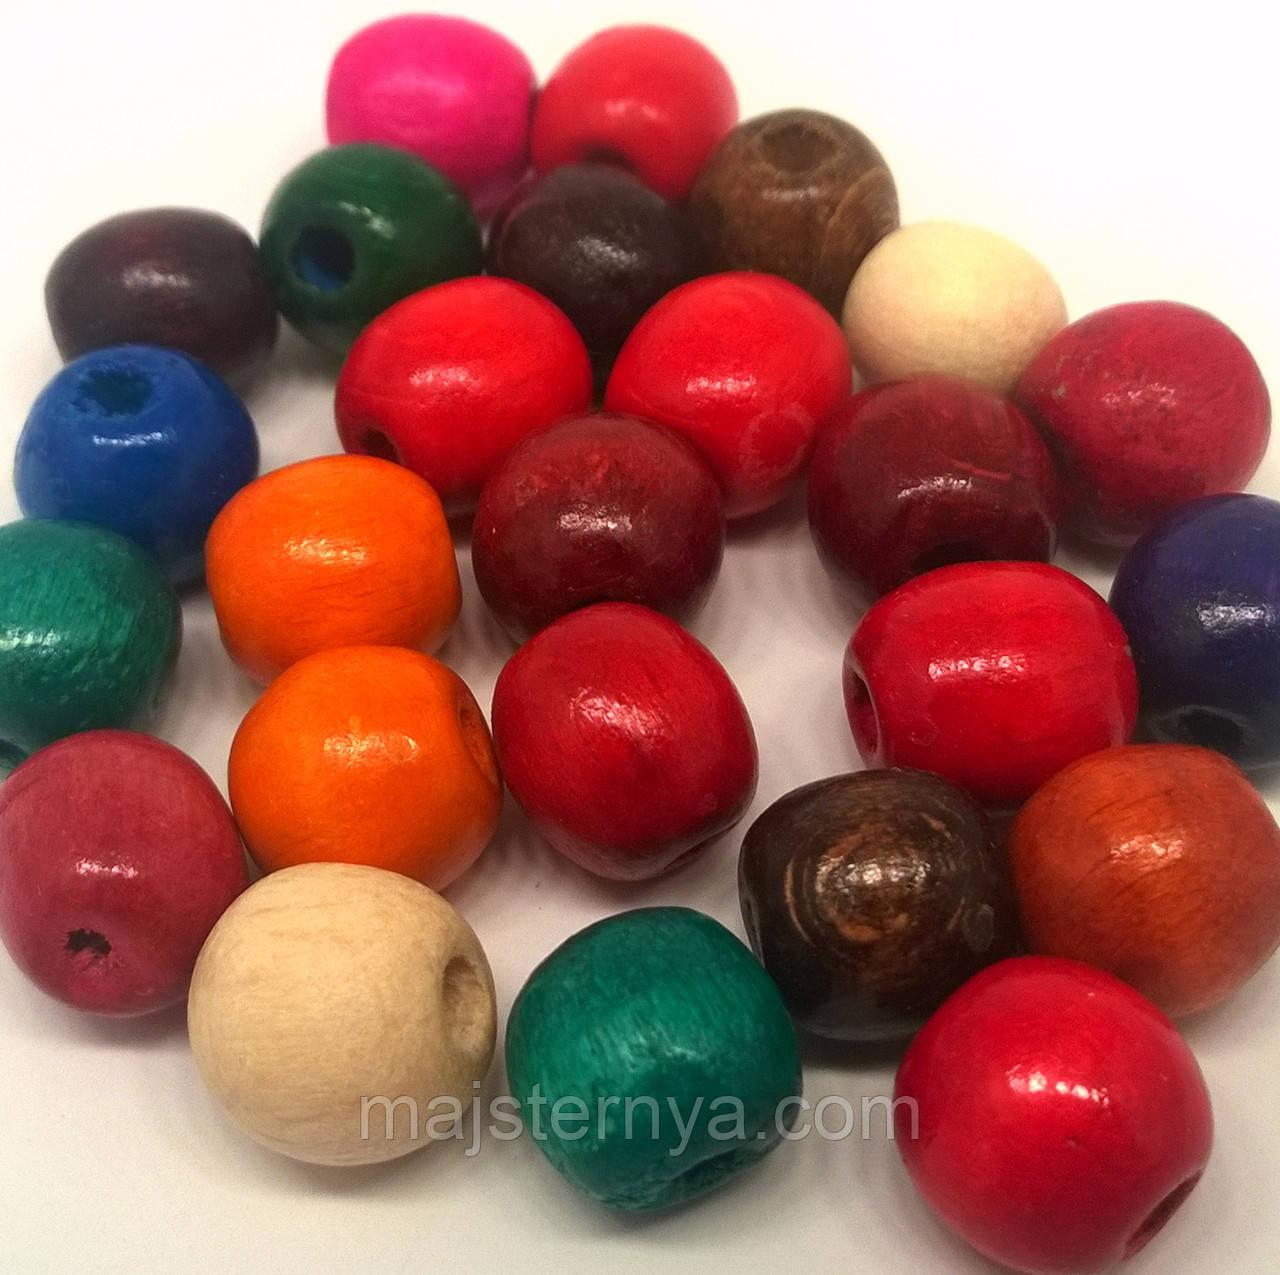 Бусины деревянные 13мм (100шт в упаковке) разных цветов